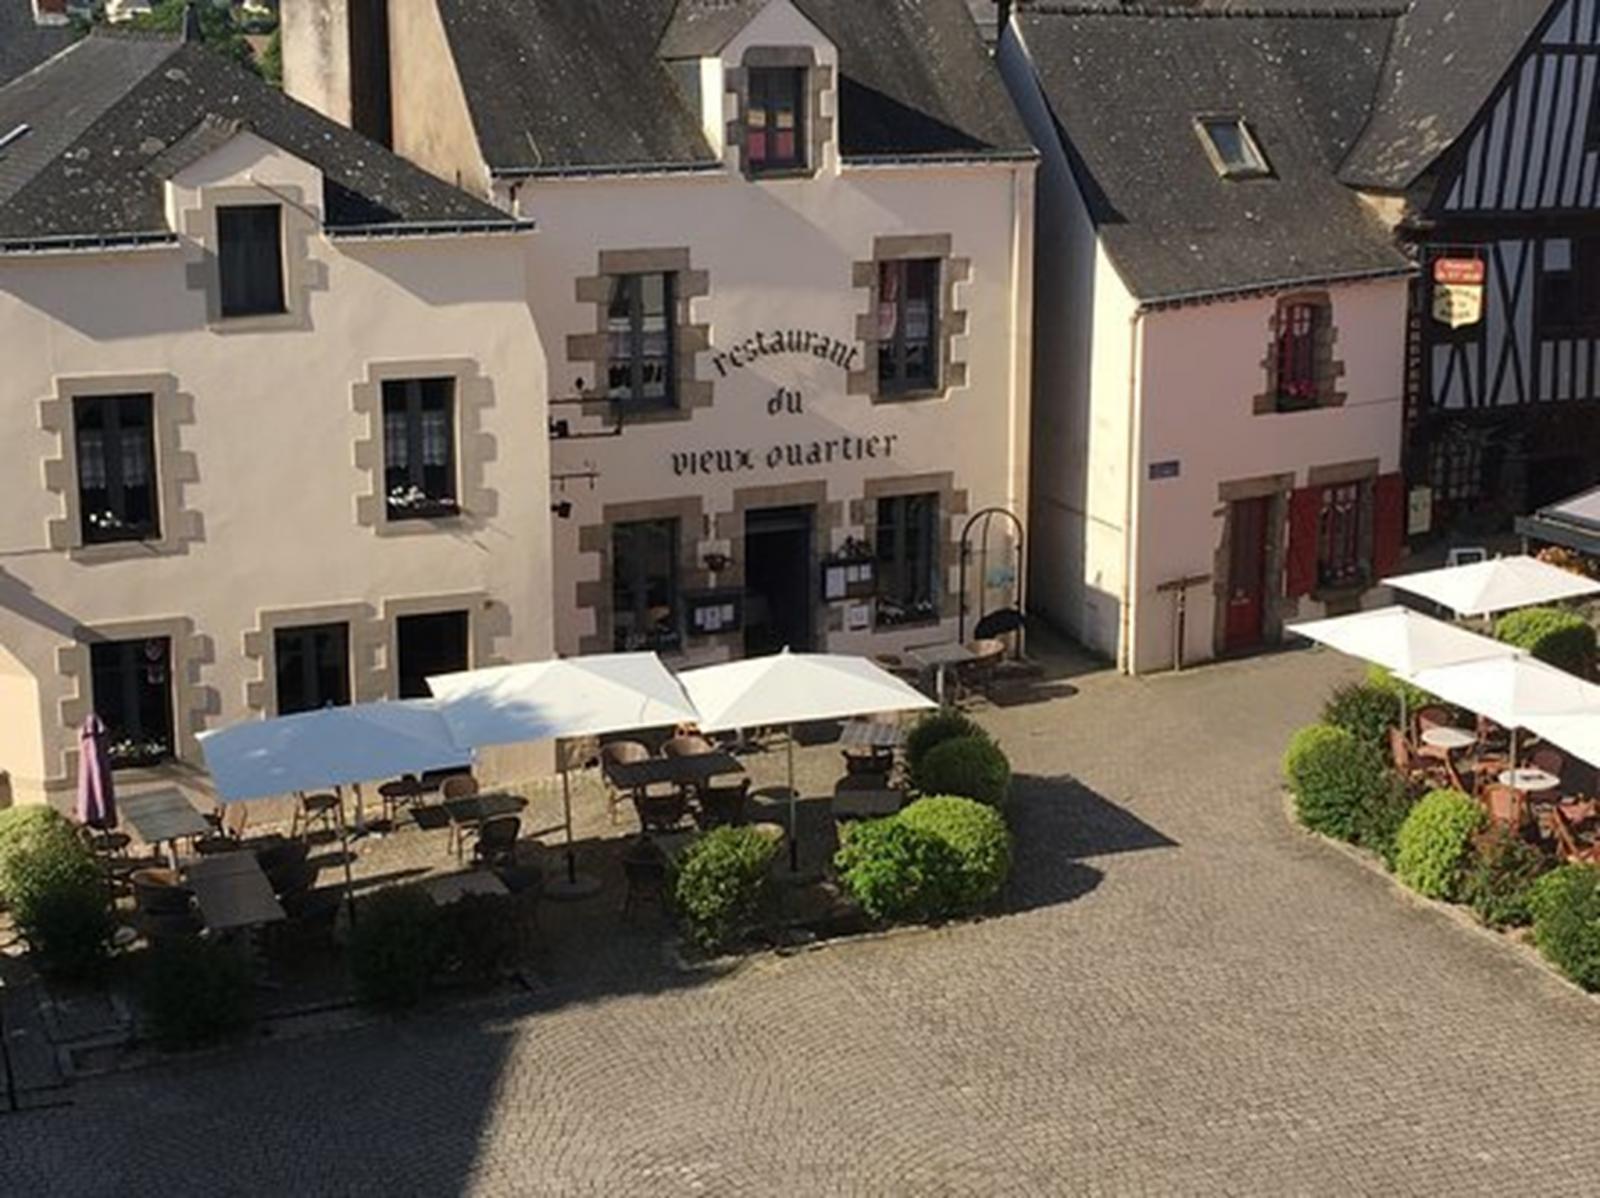 Restaurant Le Vieux Quartier – La Roche-Bernard